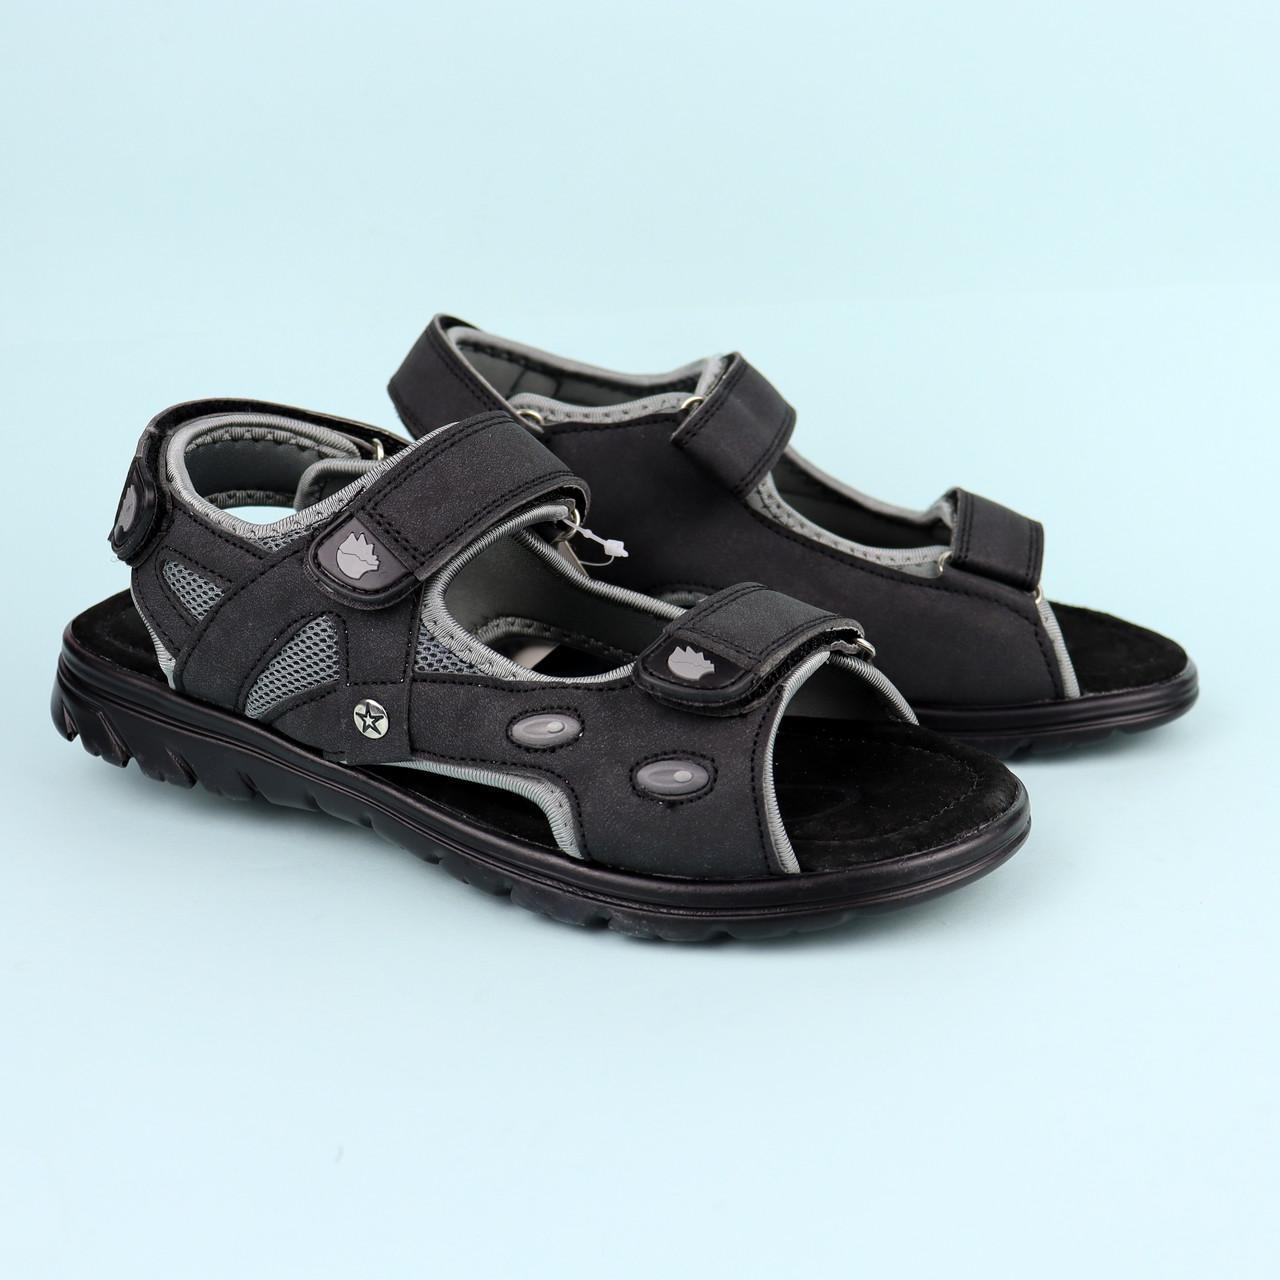 Черные подростковые босоножки сандалии на мальчика подростка тм Томм р.36,37,38,39,41